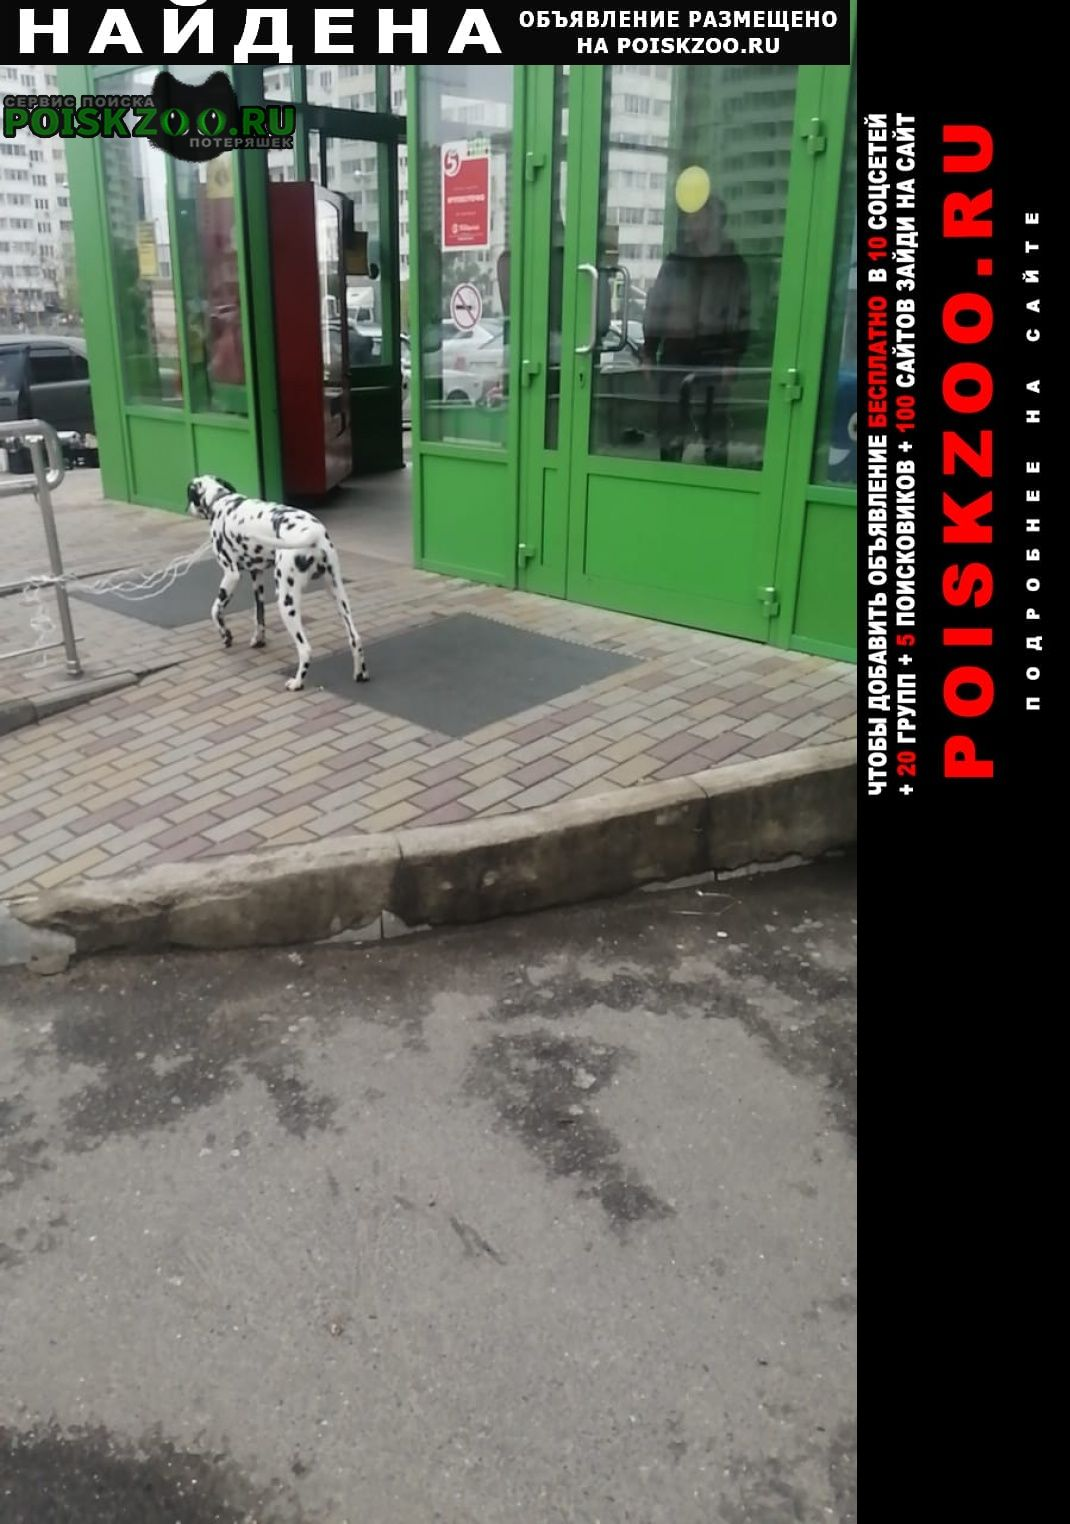 Найдена собака черкасская 72/1 Краснодар